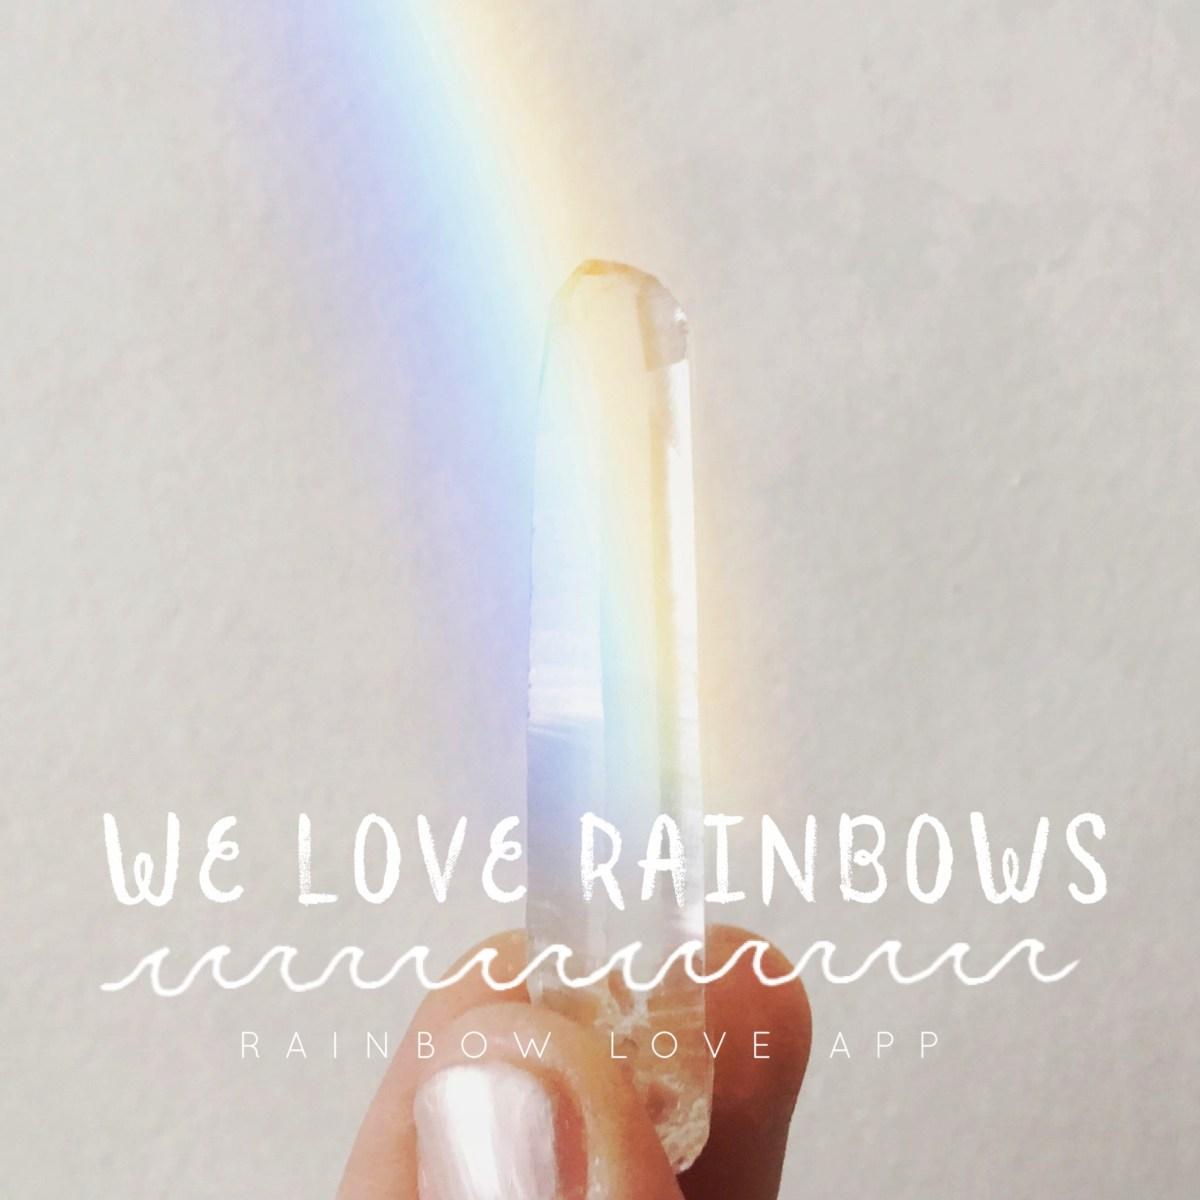 Rainbow-Love- App-Filter-Art-Text-Editor